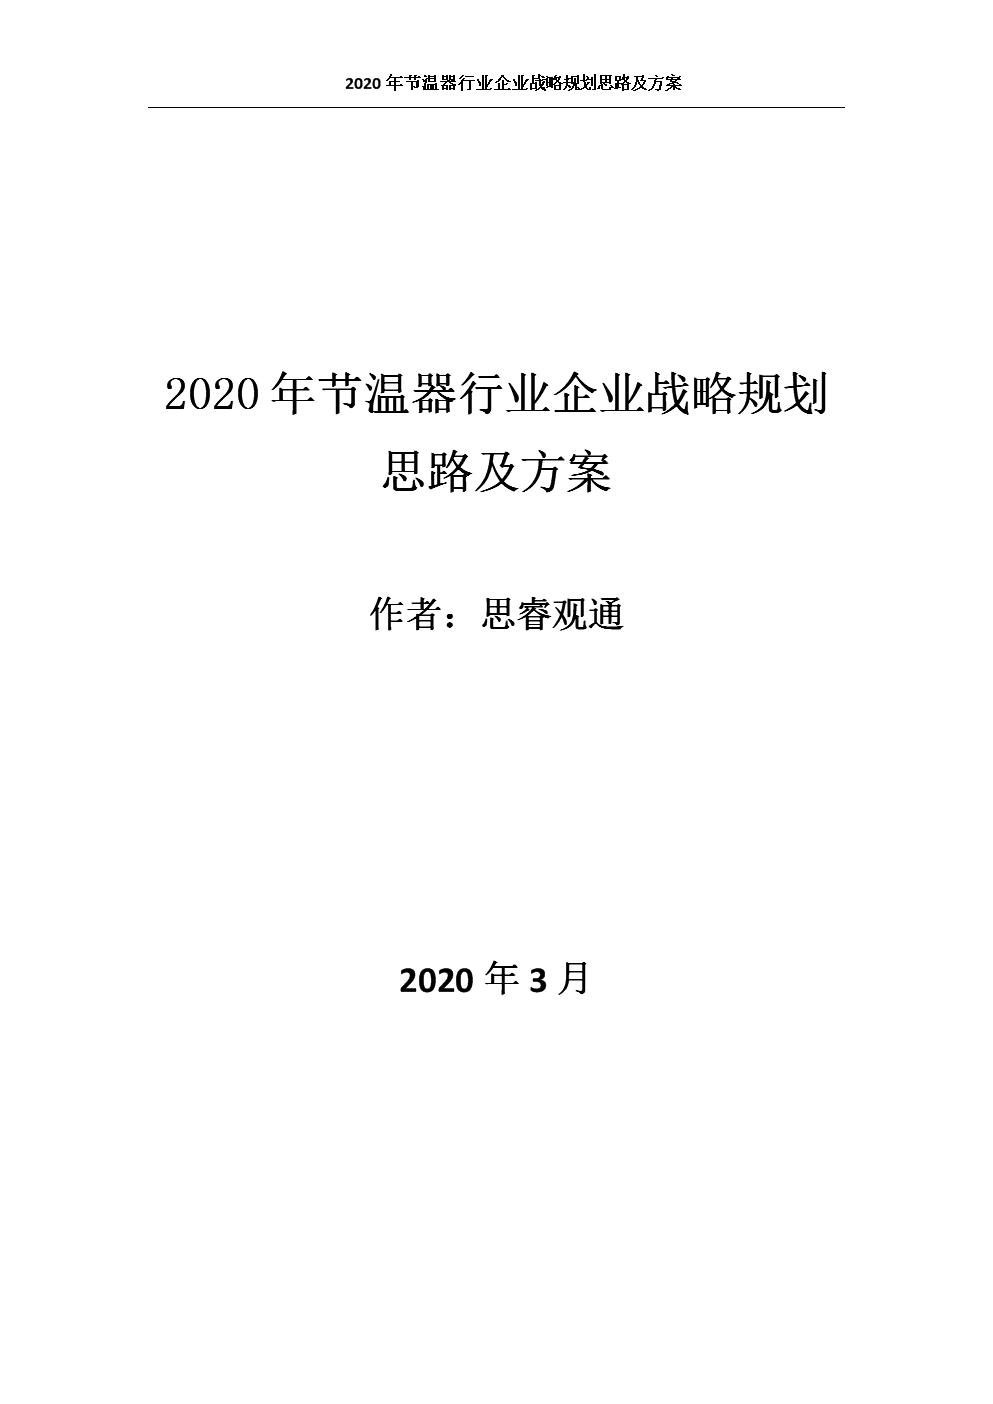 2020年节温器行业企业战略规划思路及方案.docx